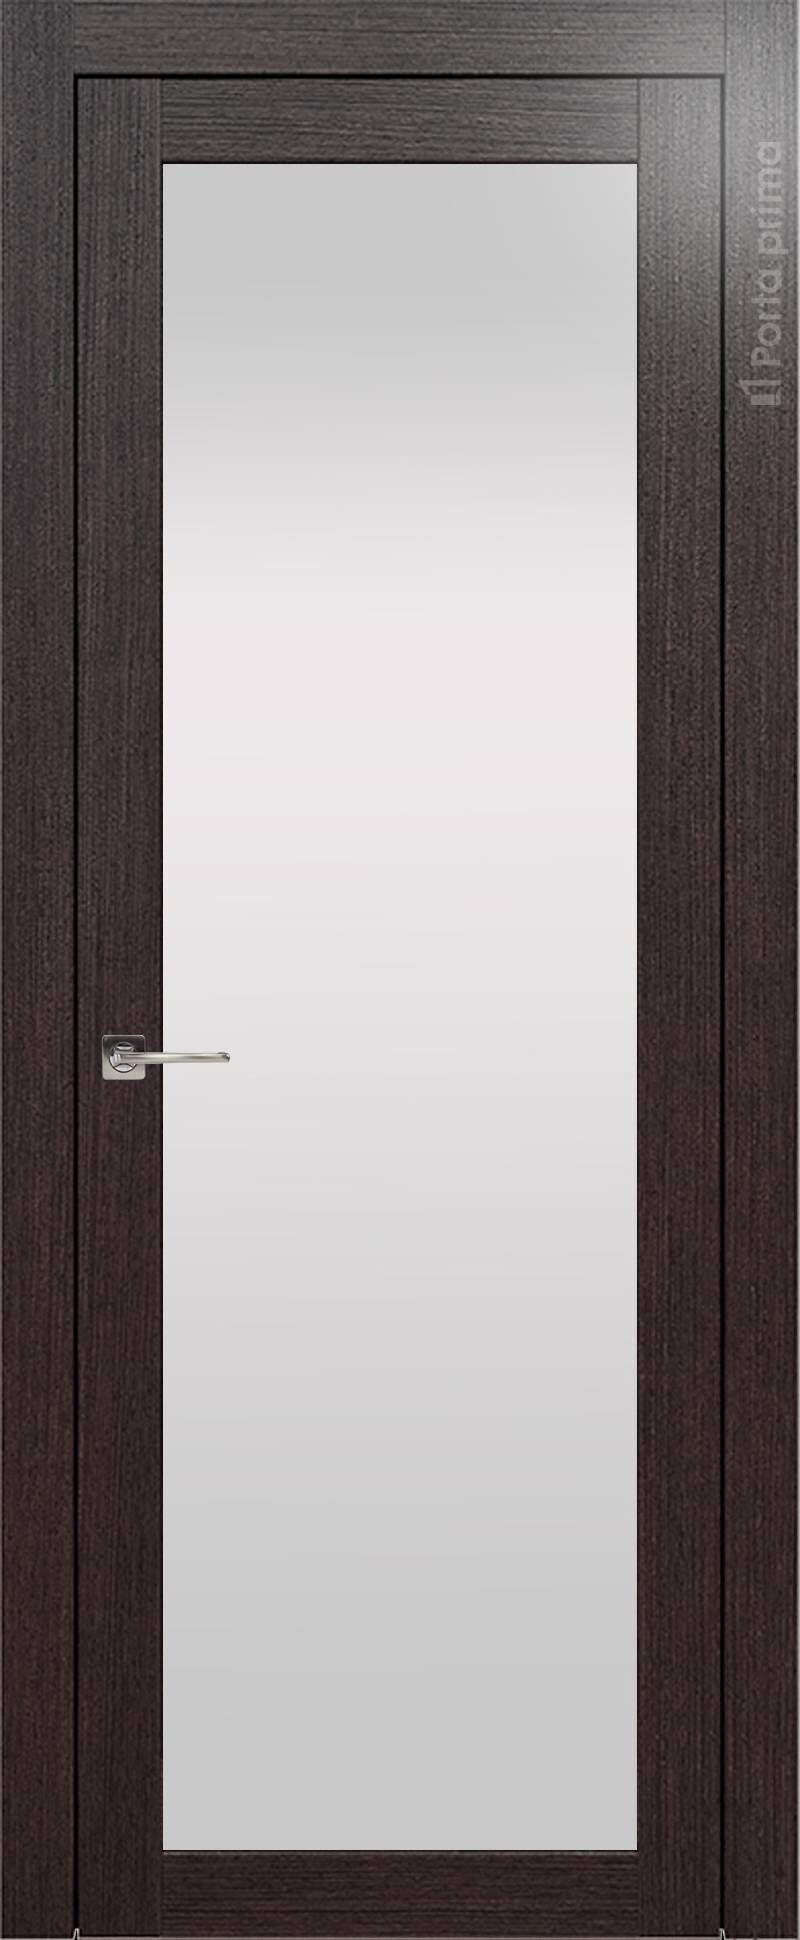 Tivoli З-1 цвет - Венге Шоколад Со стеклом (ДО)